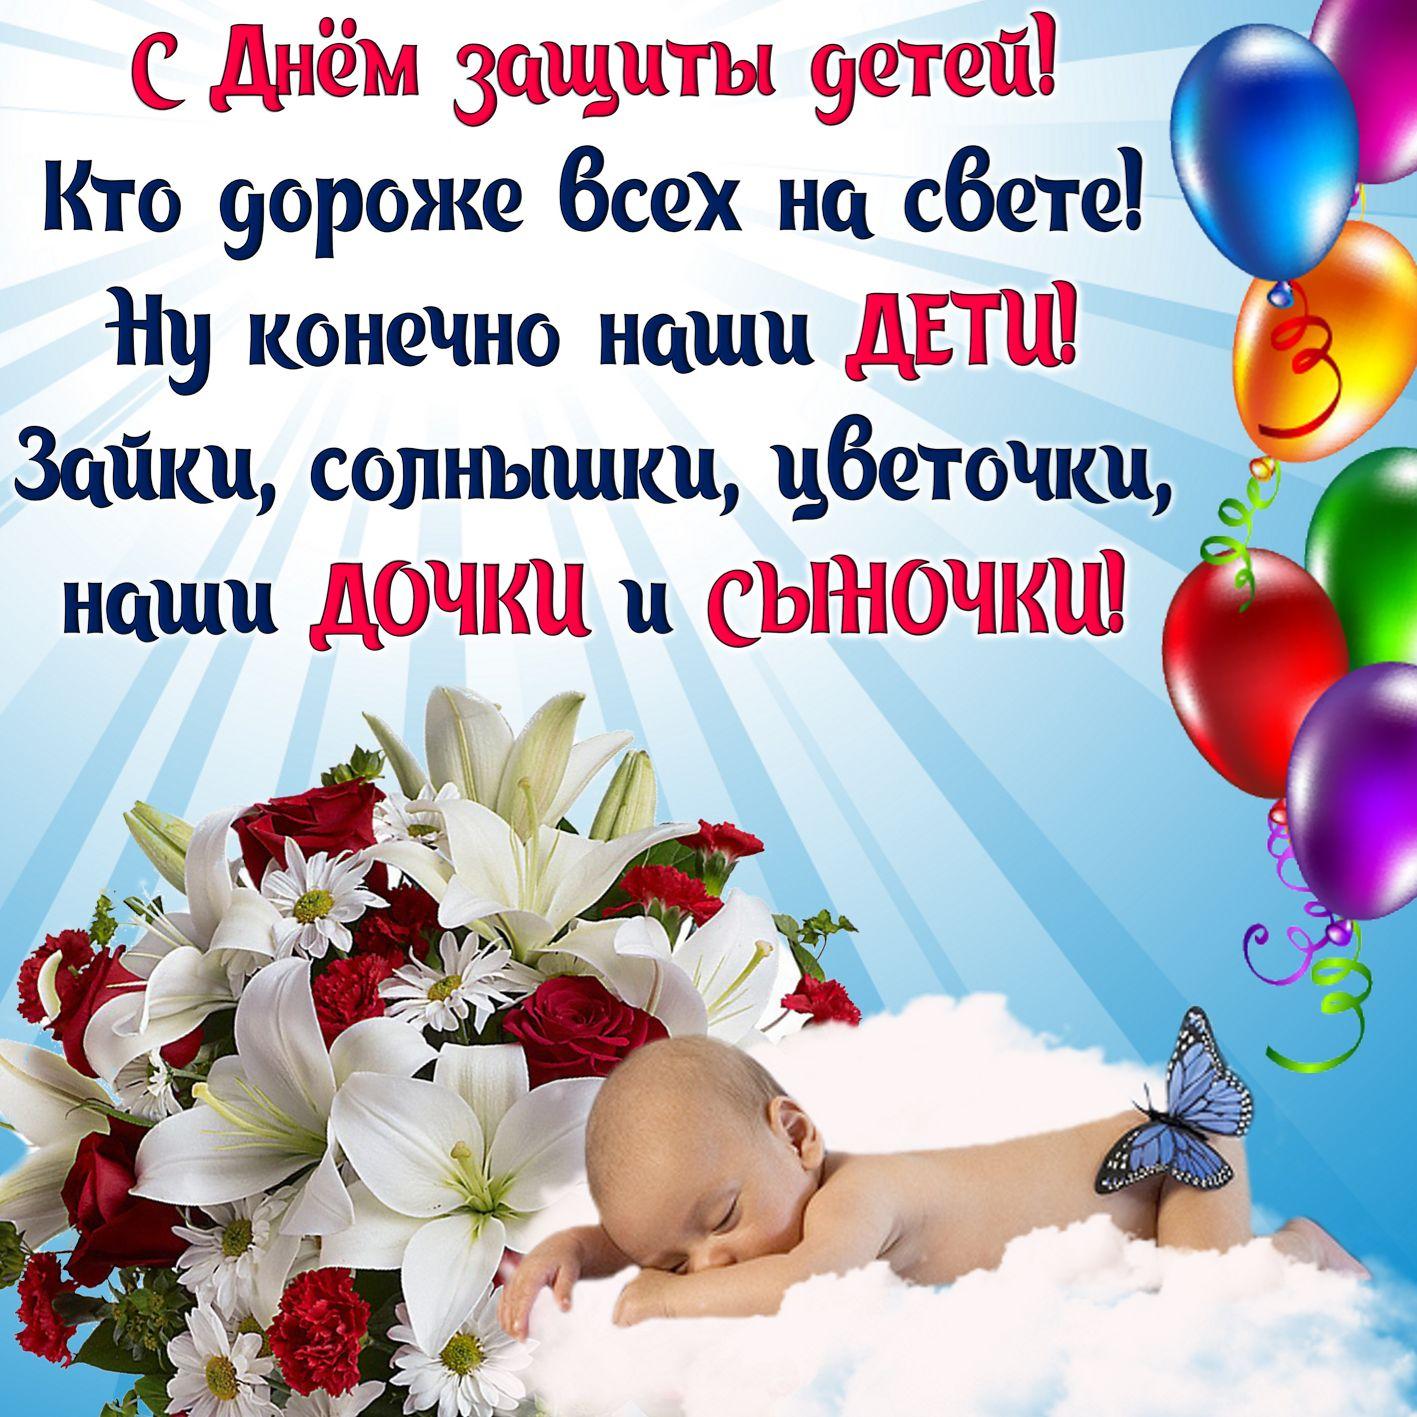 Открытка на День защиты детей - спящий малыш среди цветов и воздушных шариков